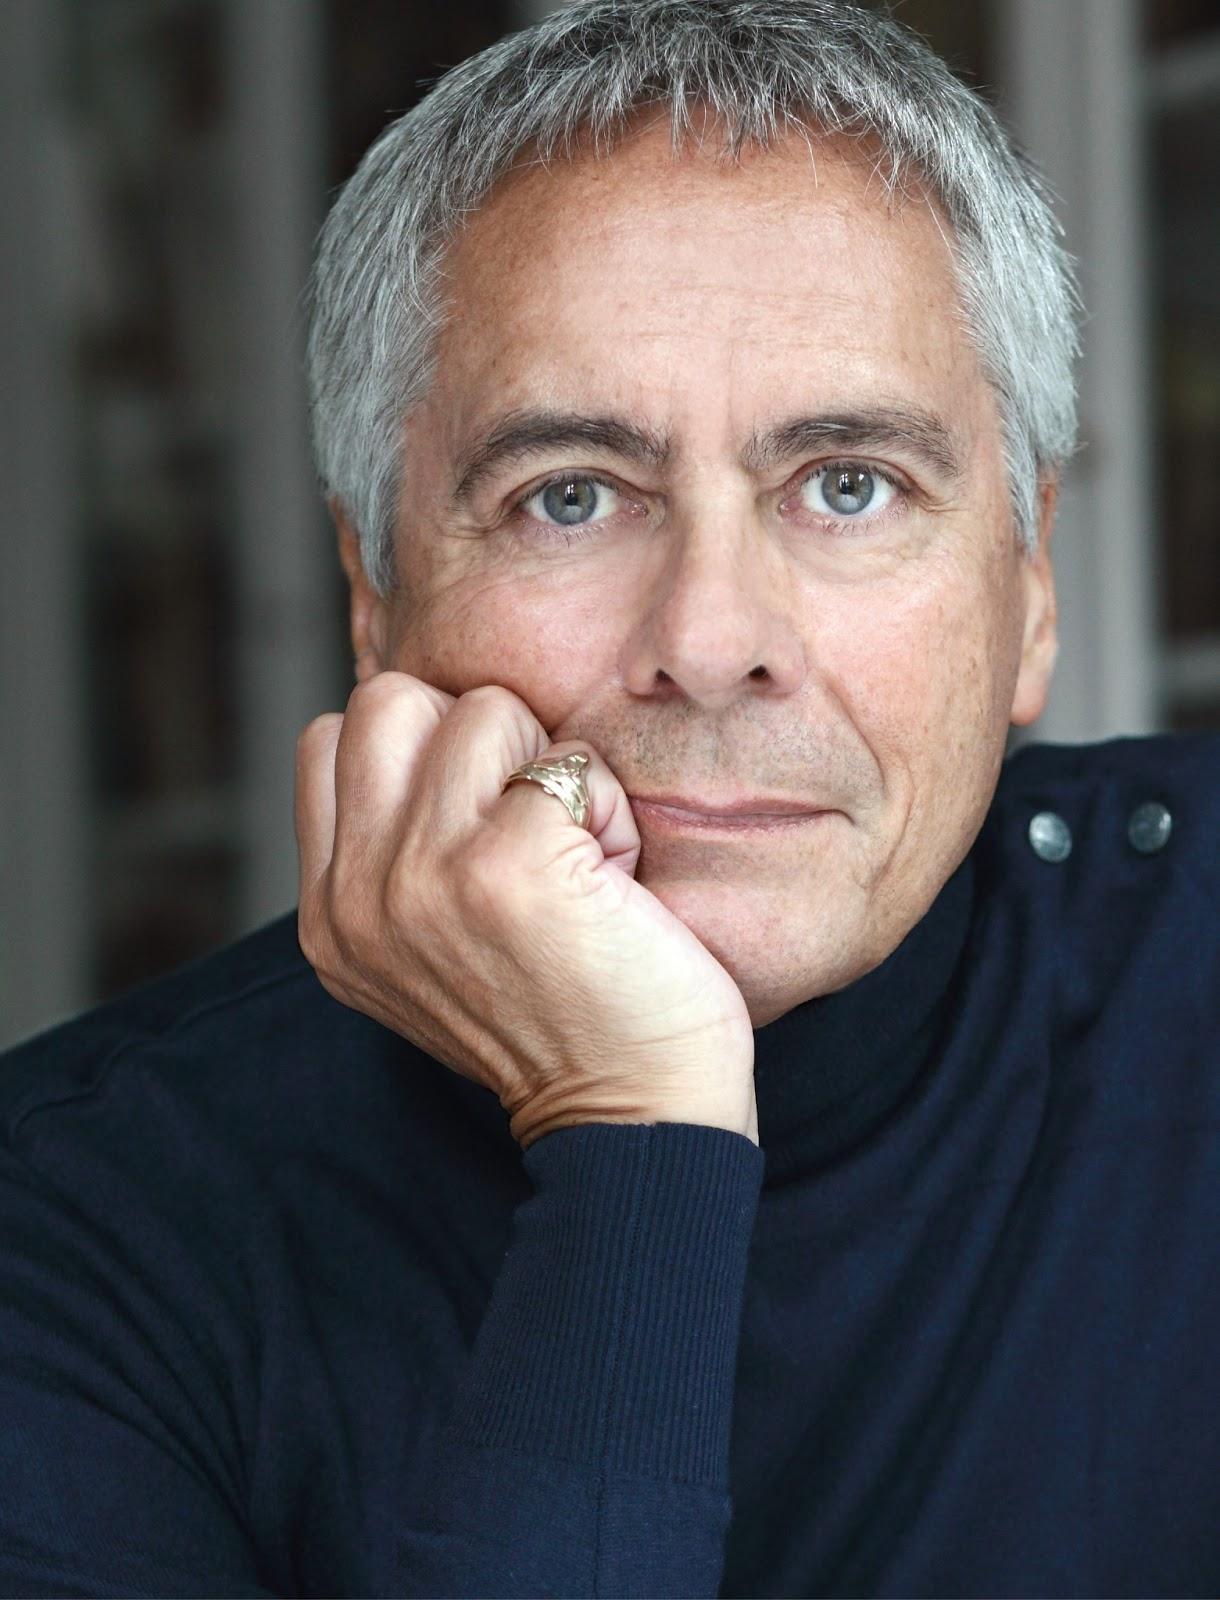 ジョン・ノイマイアーの顔写真